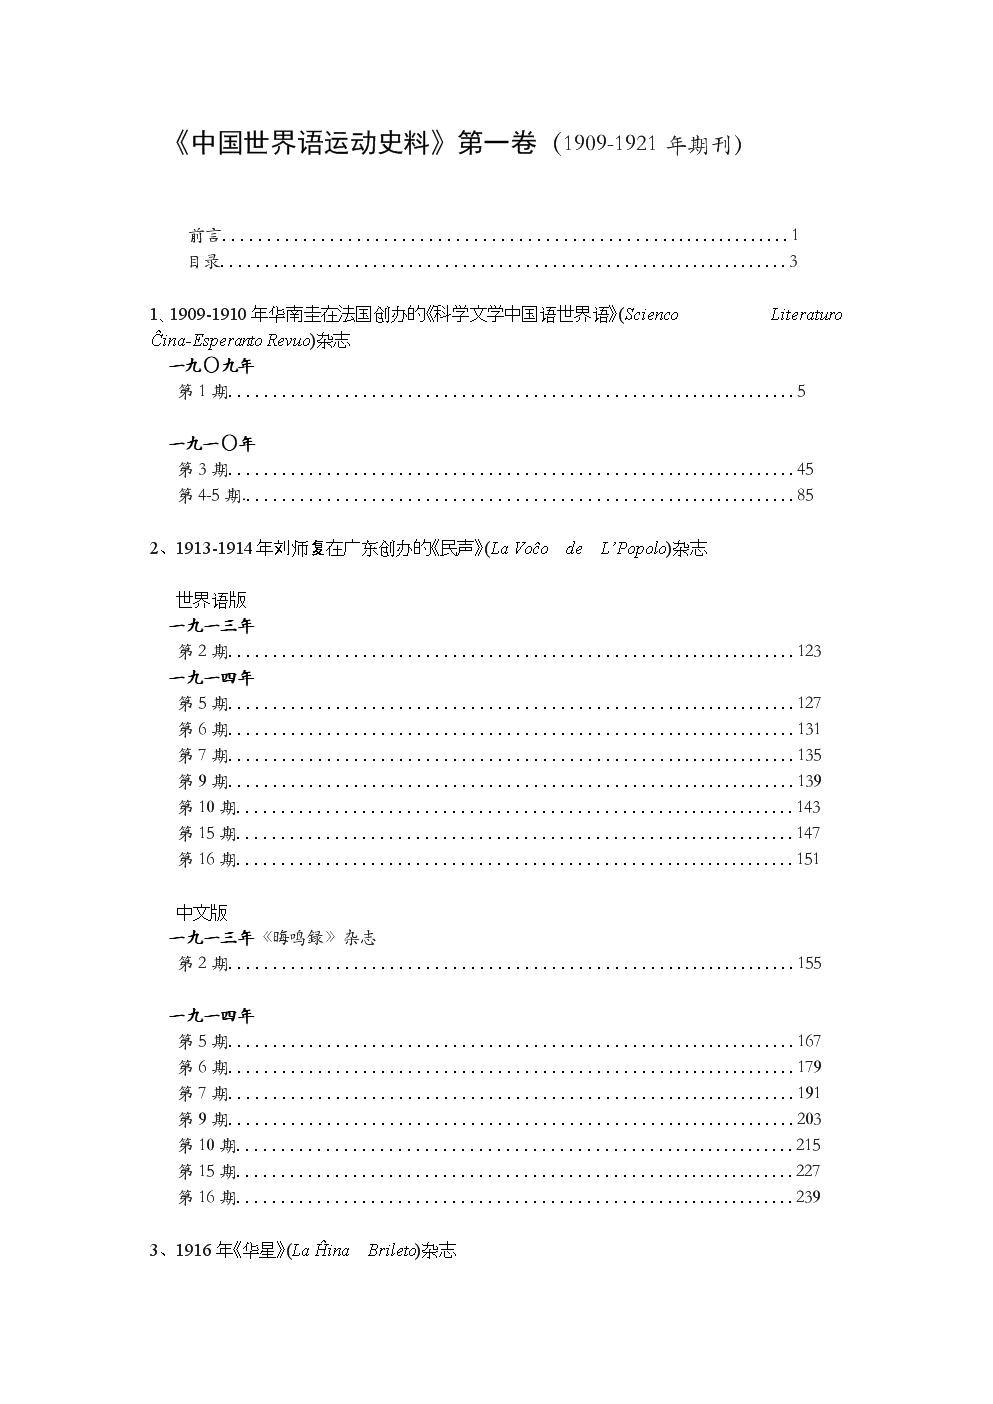 《中国世界语运动史料》第一卷(1909-1921年期刊).doc